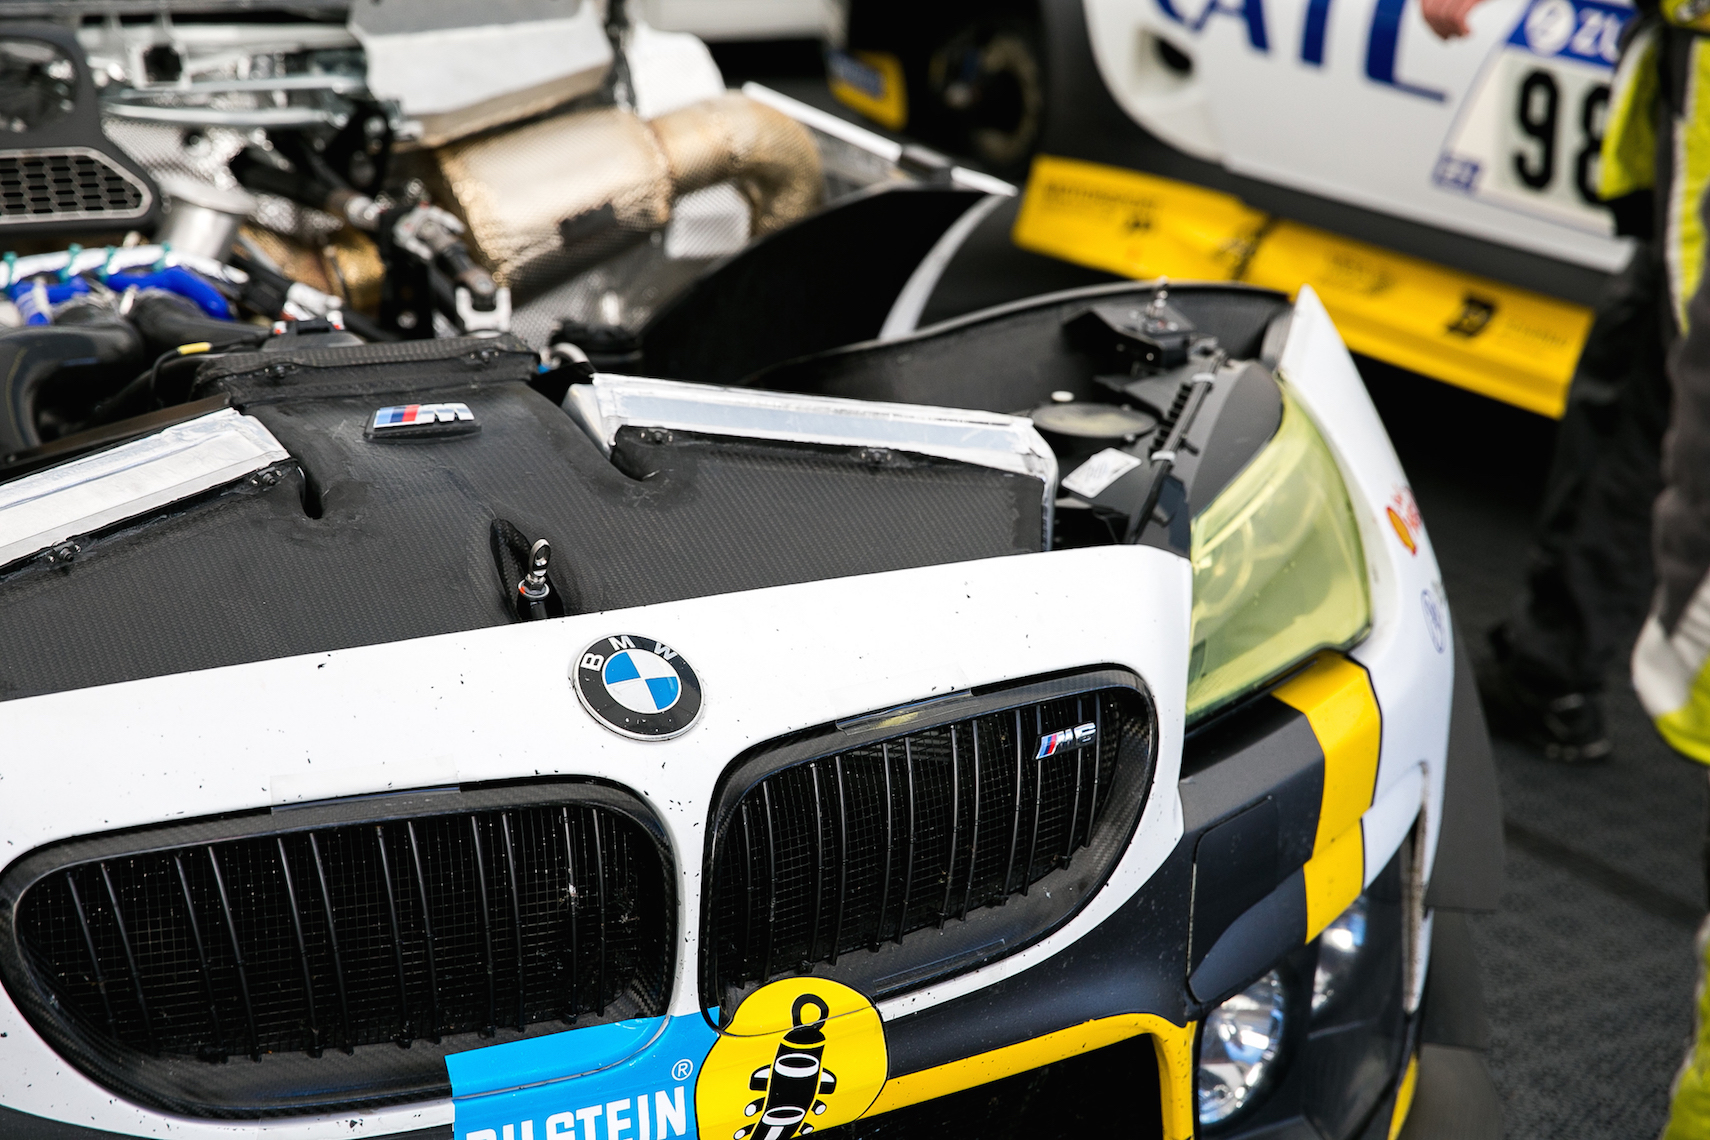 Ein Wochenende in der grünen Hölle - das 24h-Rennen am Nürburgring und das BMW M Festival BMWMotorsport MGmbH GrüneHölle Motorsport Eifel BMWX6M BMWM4GT4 Kundensport BMWM6GT3